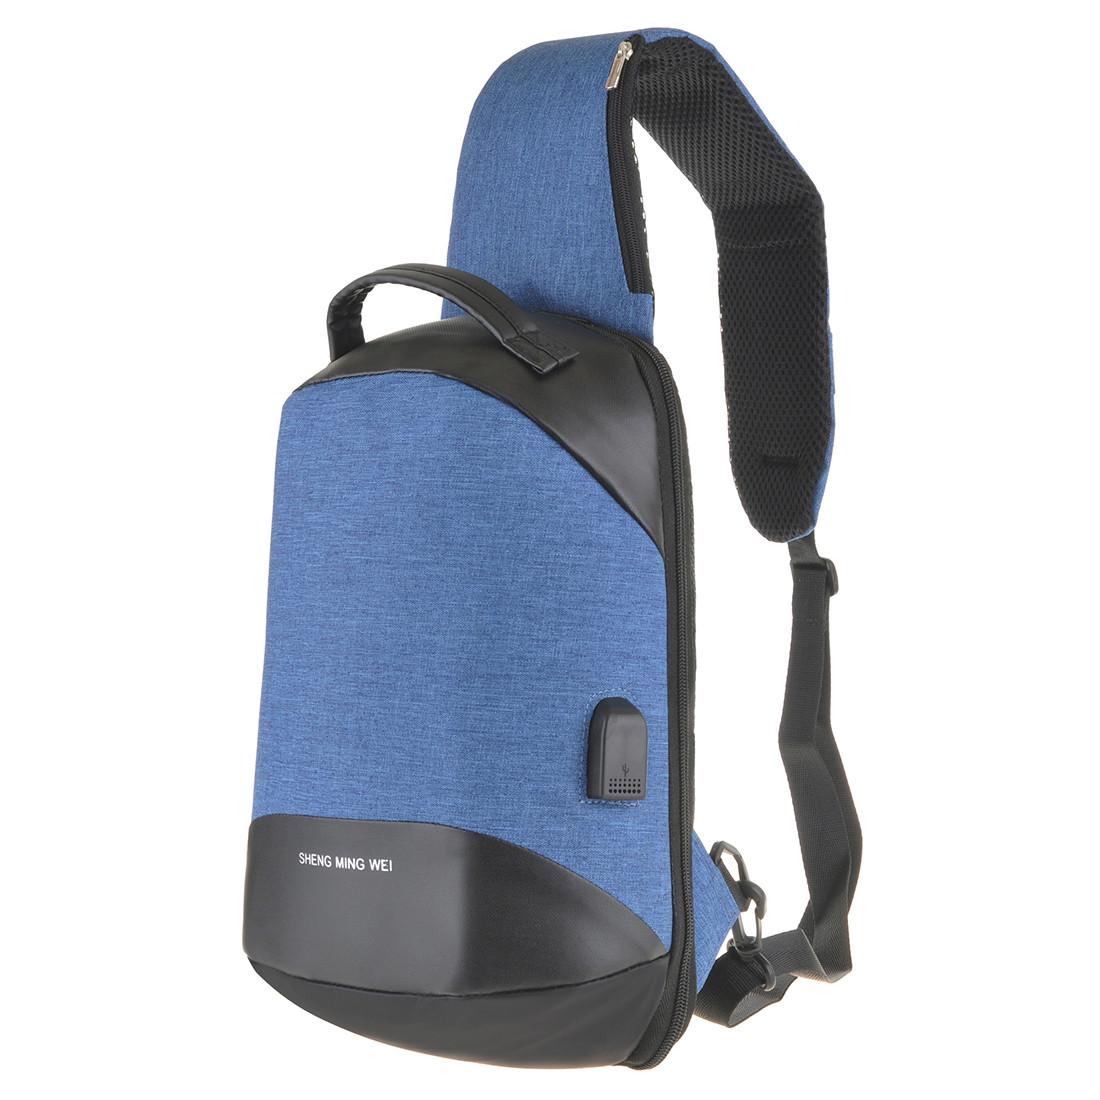 Рюкзак протикрадій однолямочный Bobby 24х33х12 блакитний, тканина поліестр ксНЛ1691гол